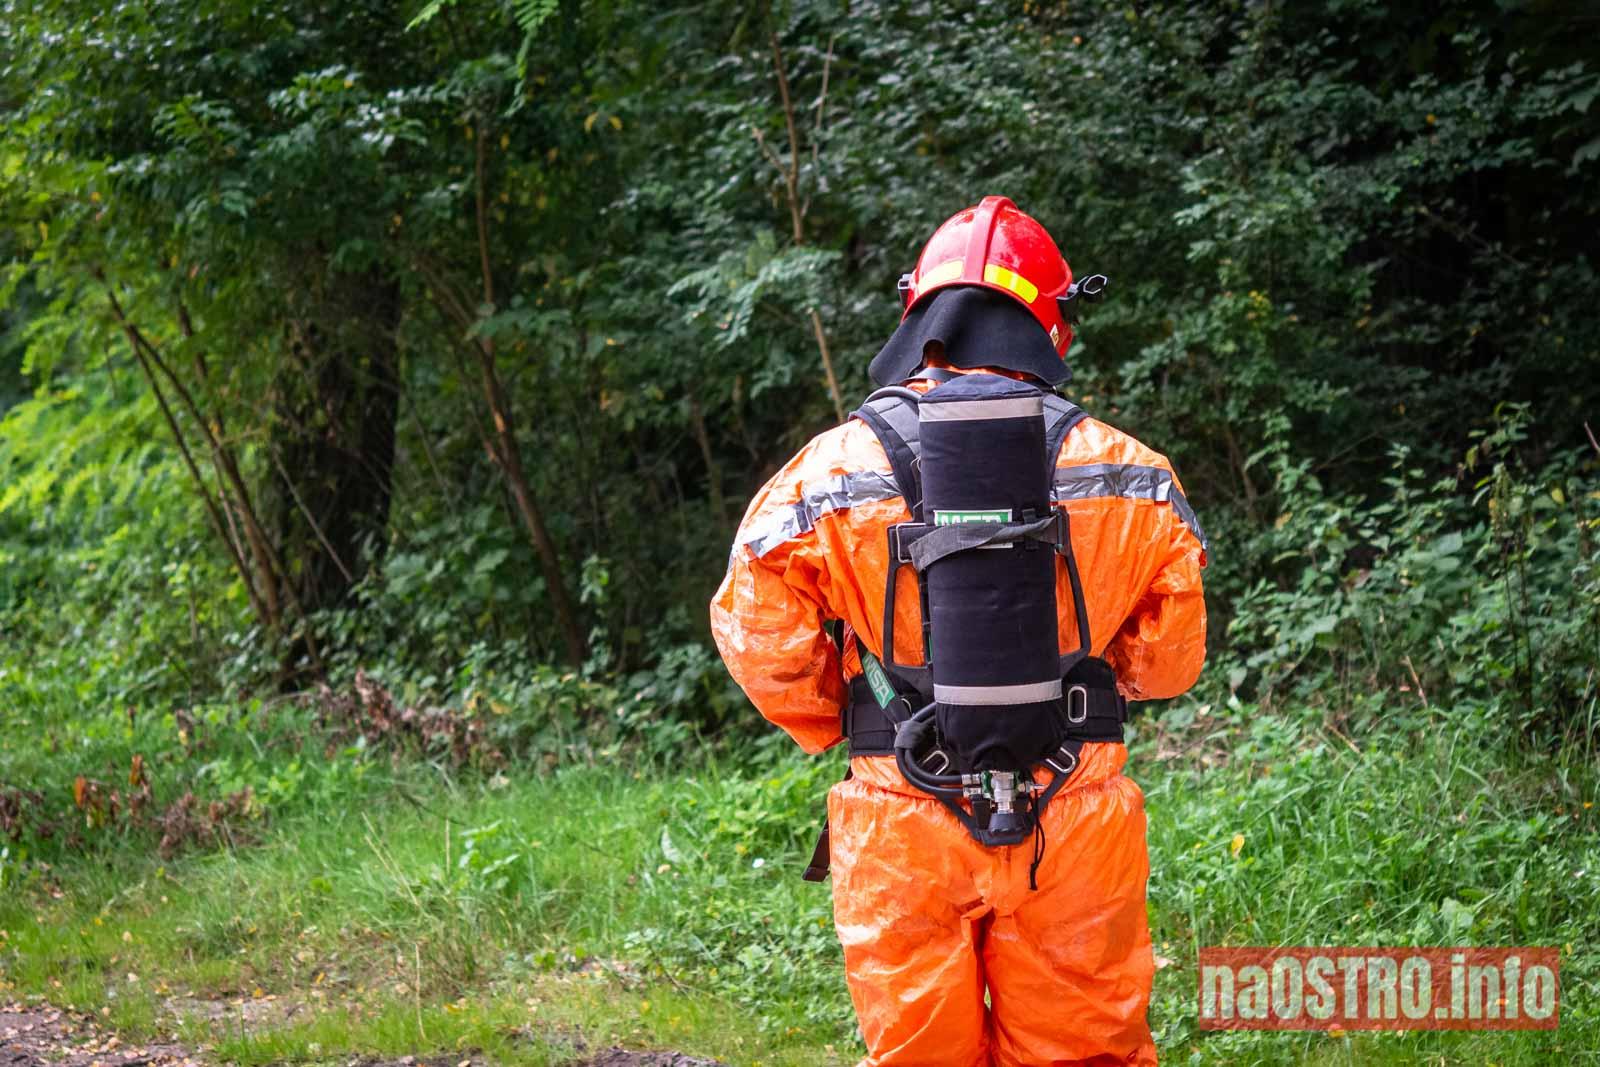 NaOSTROinfo Ćwiczenia Straży Pożarnej-44